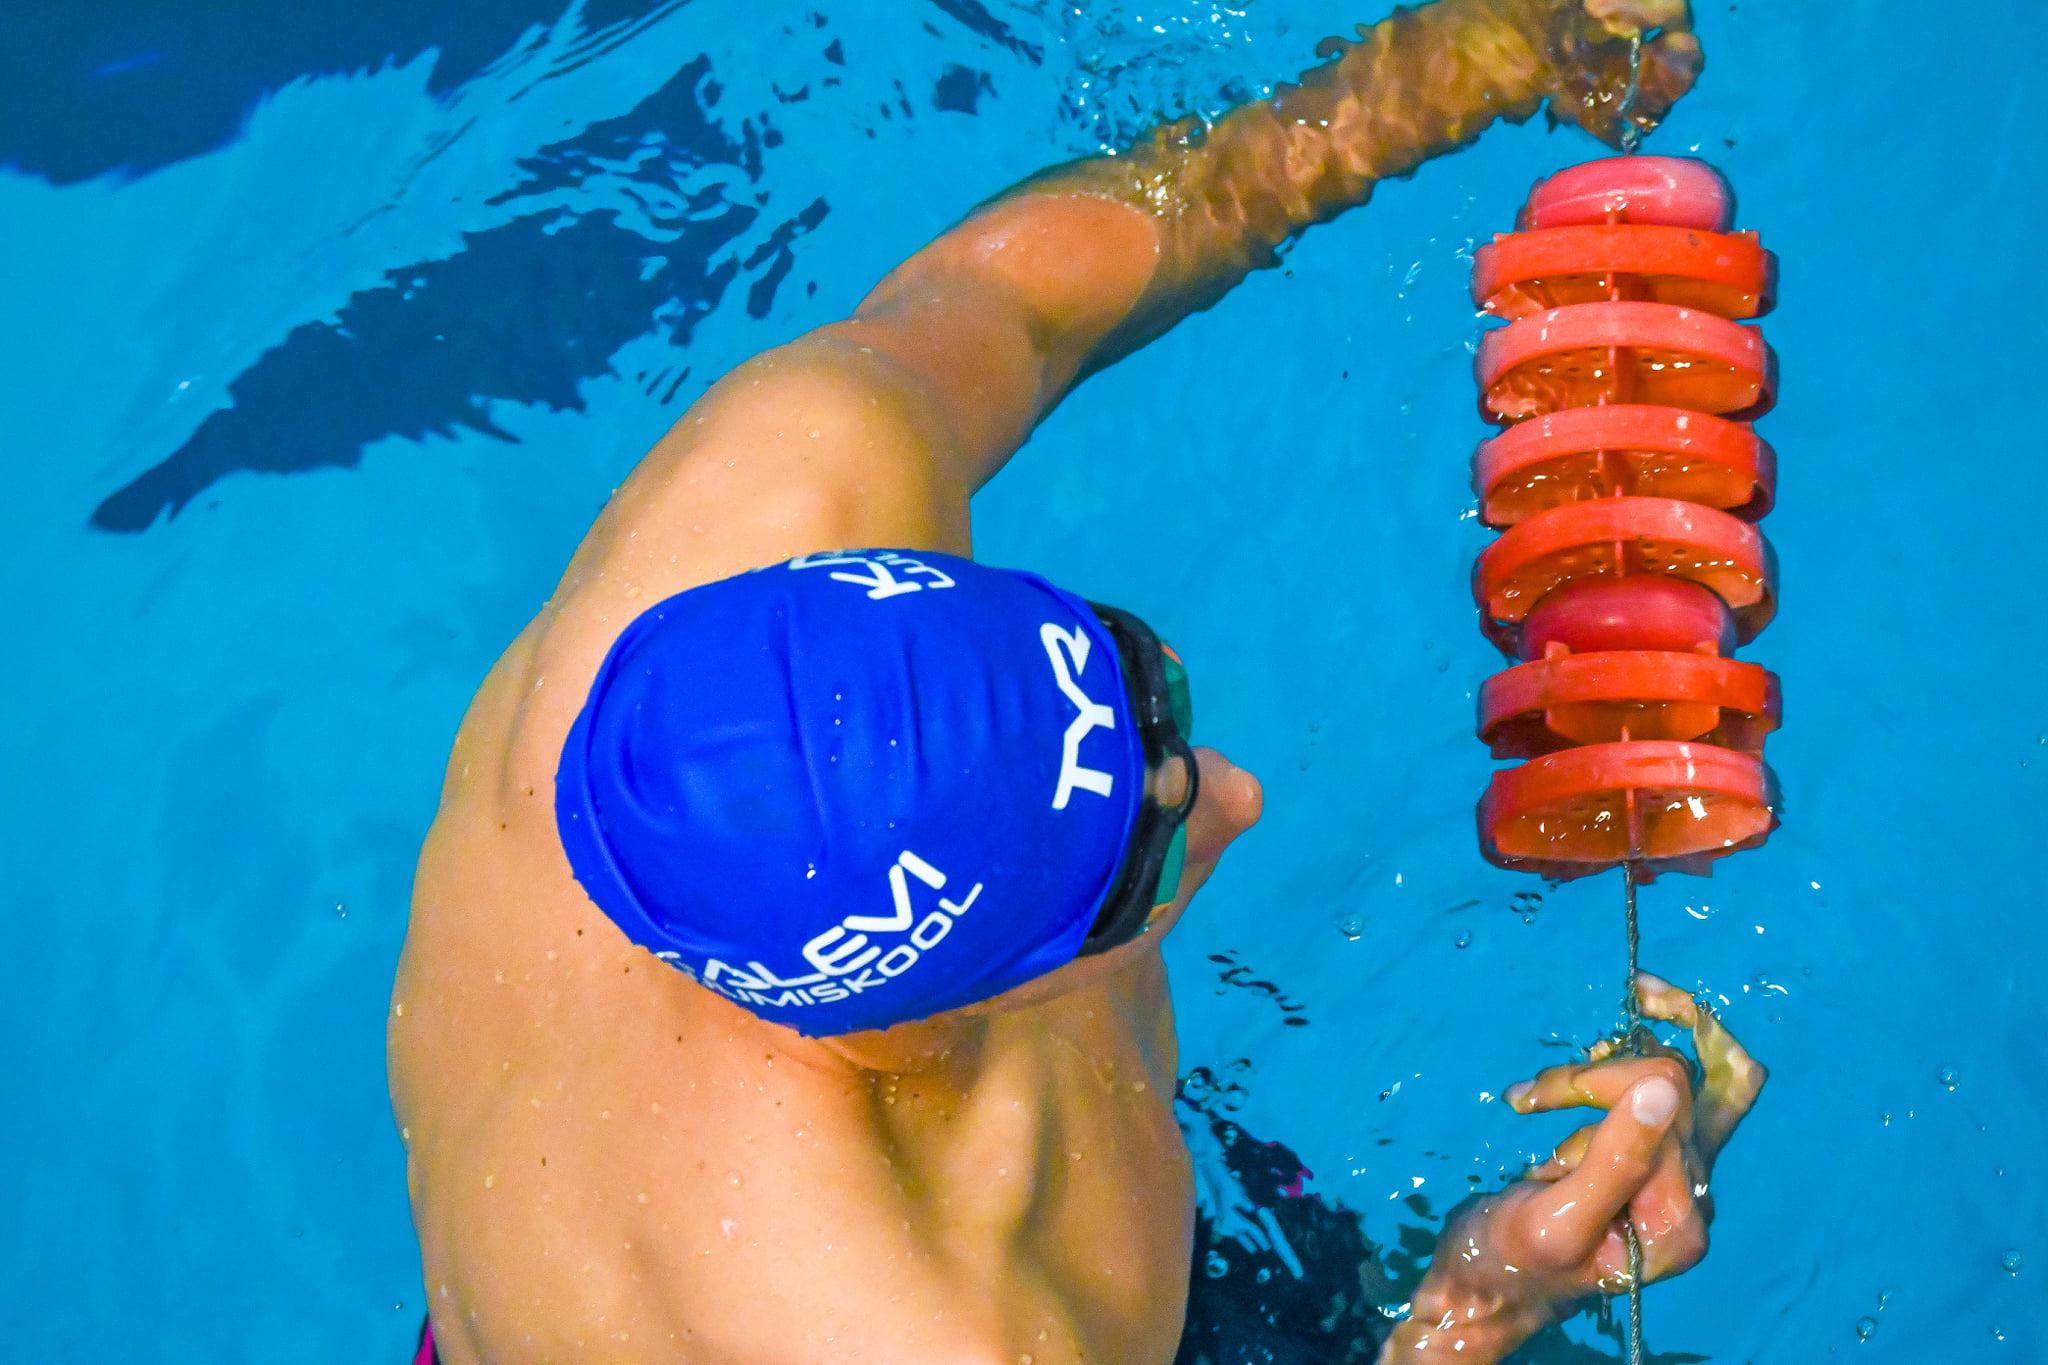 Ujumiskooli hooajalõpuvõistlusel startis ligi 200 ujujat